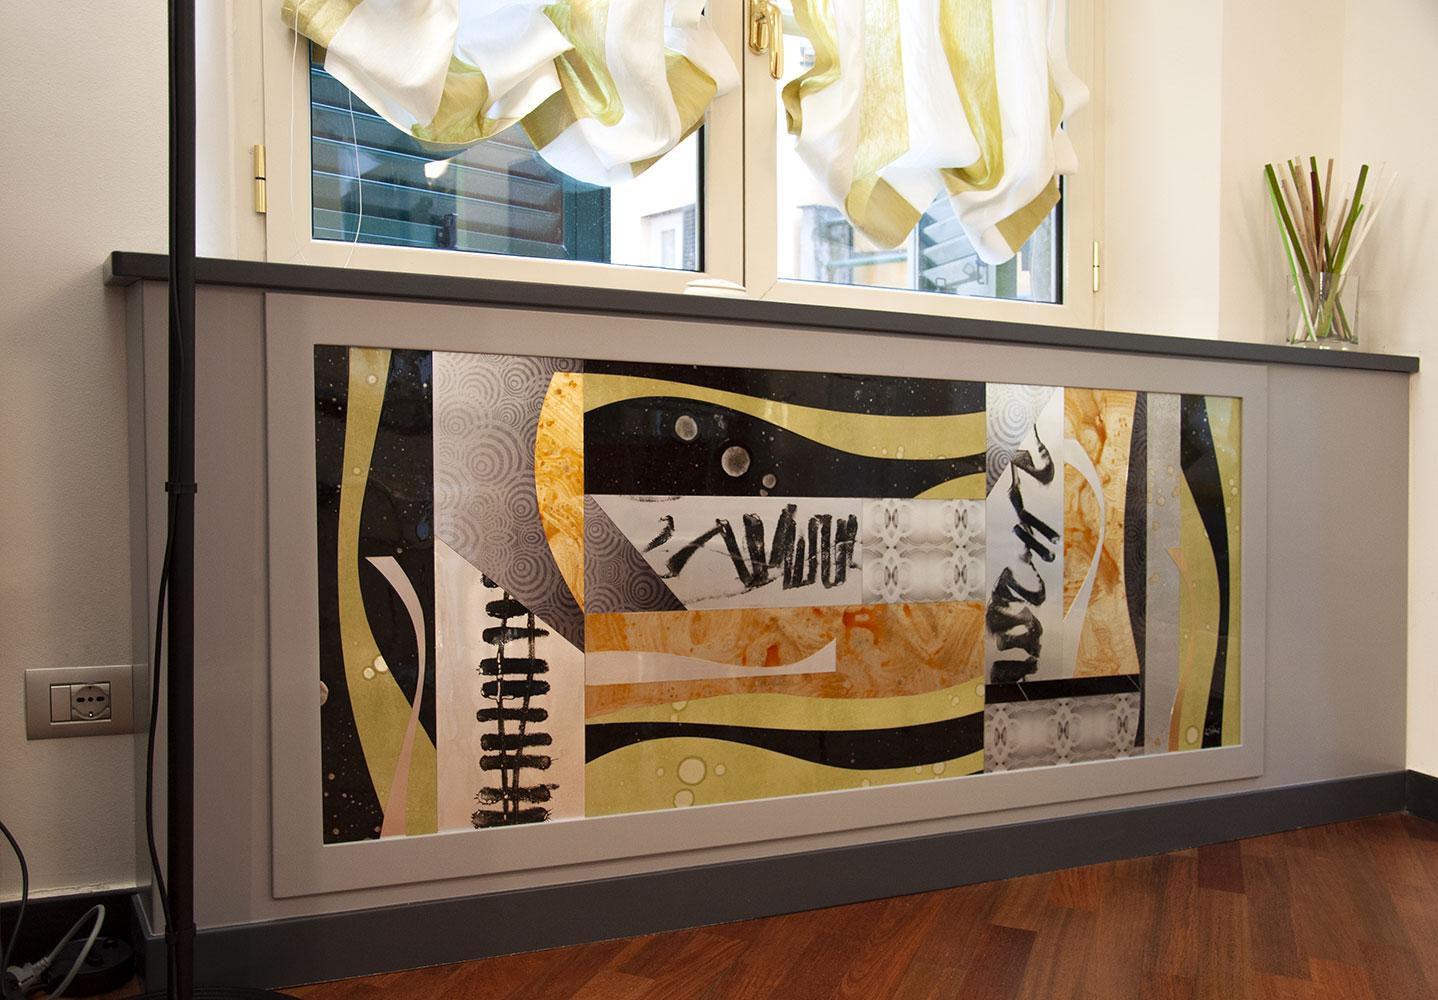 pannelli-decorativi-per-ambienti-privati-8